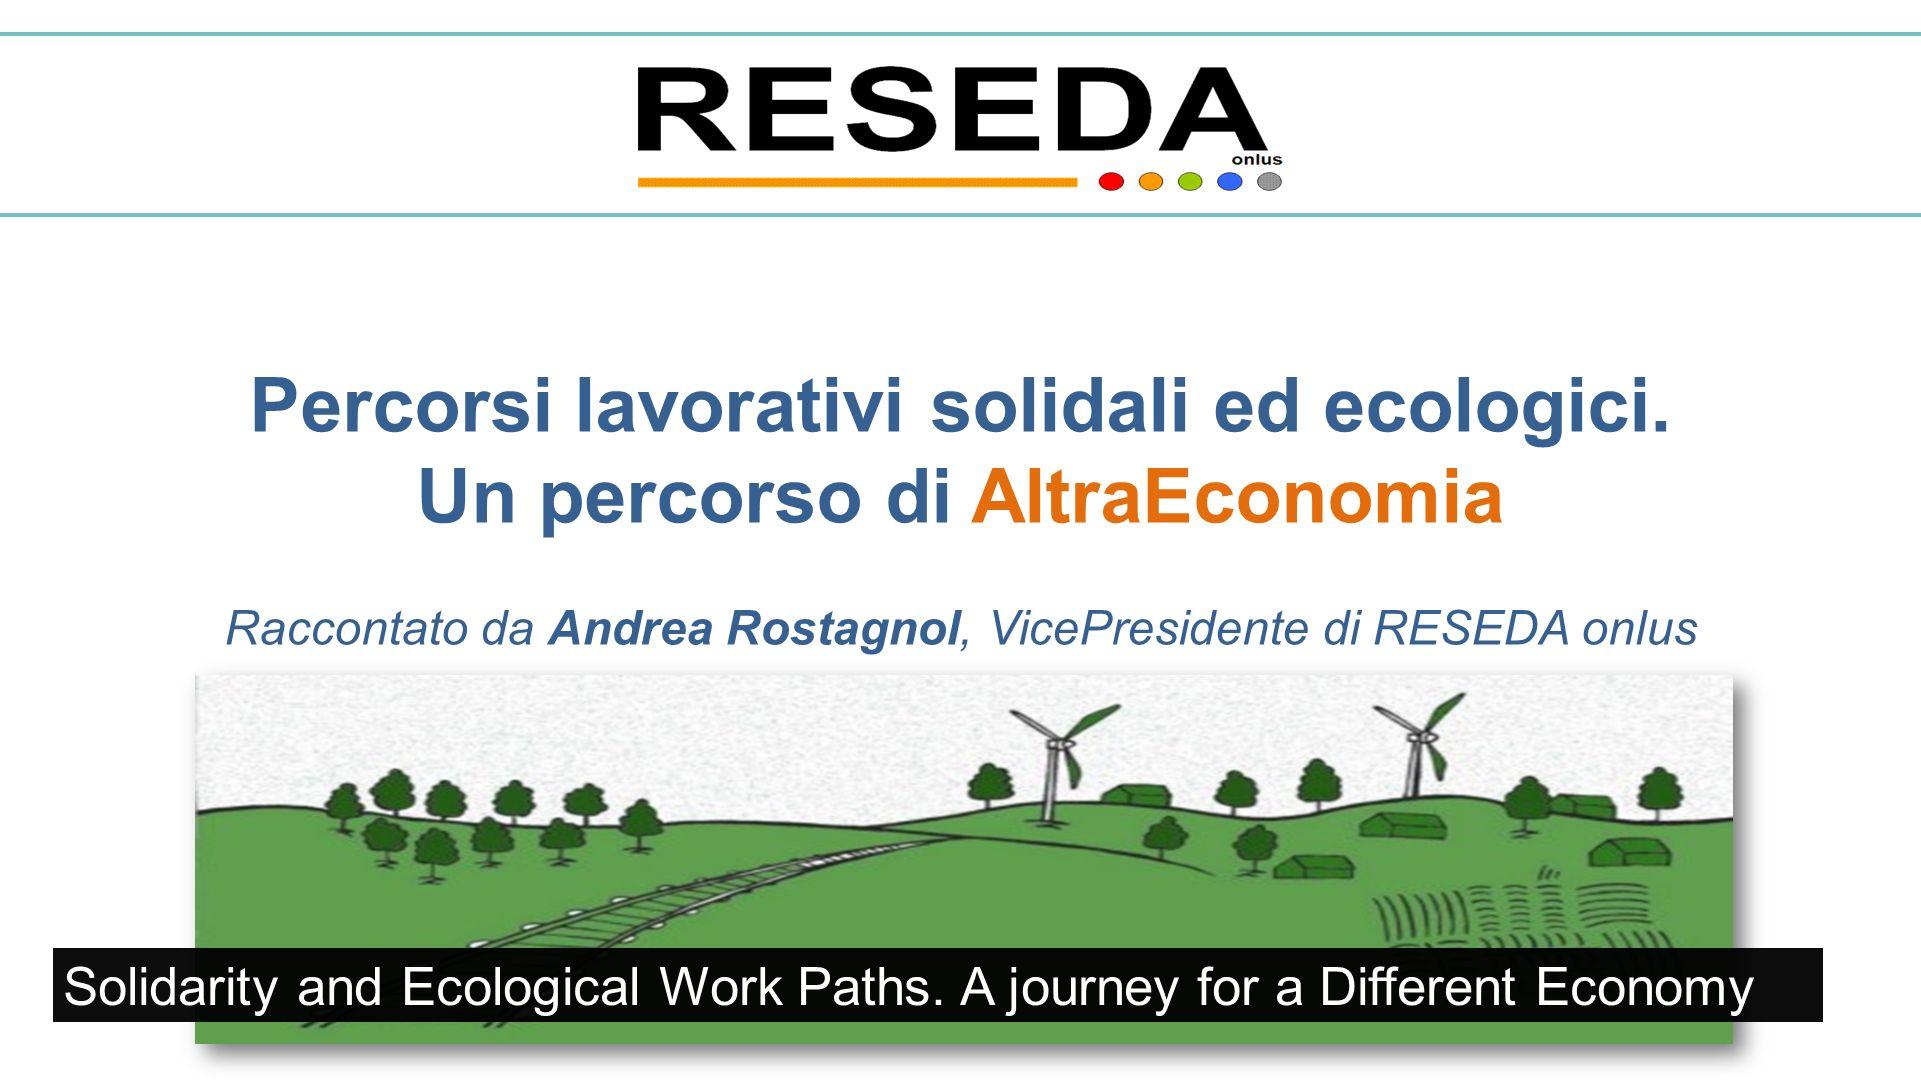 Percorsi lavorativi solidali ed ecologici. Un percorso di AltraEconomia Raccontato da Andrea Rostagnol, VicePresidente di RESEDA onlus Solidarity and